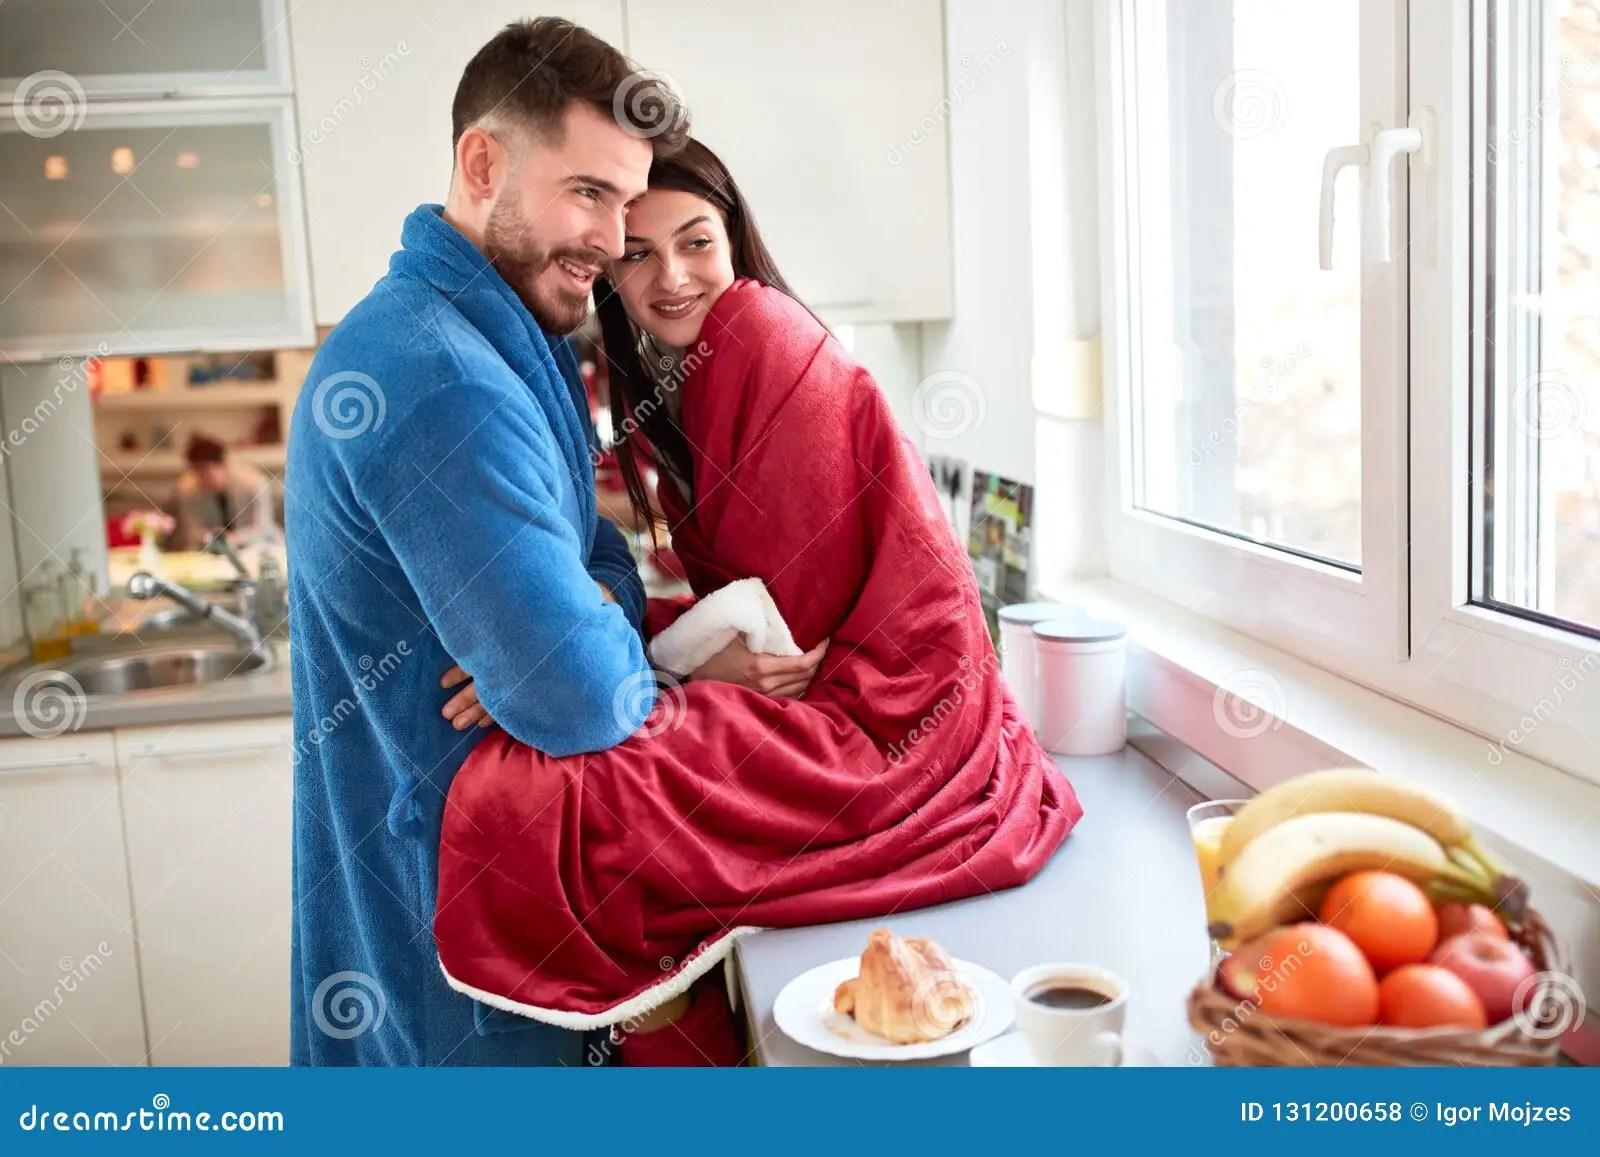 https fr dreamstime com beaux couples l amour cuisine image131200658